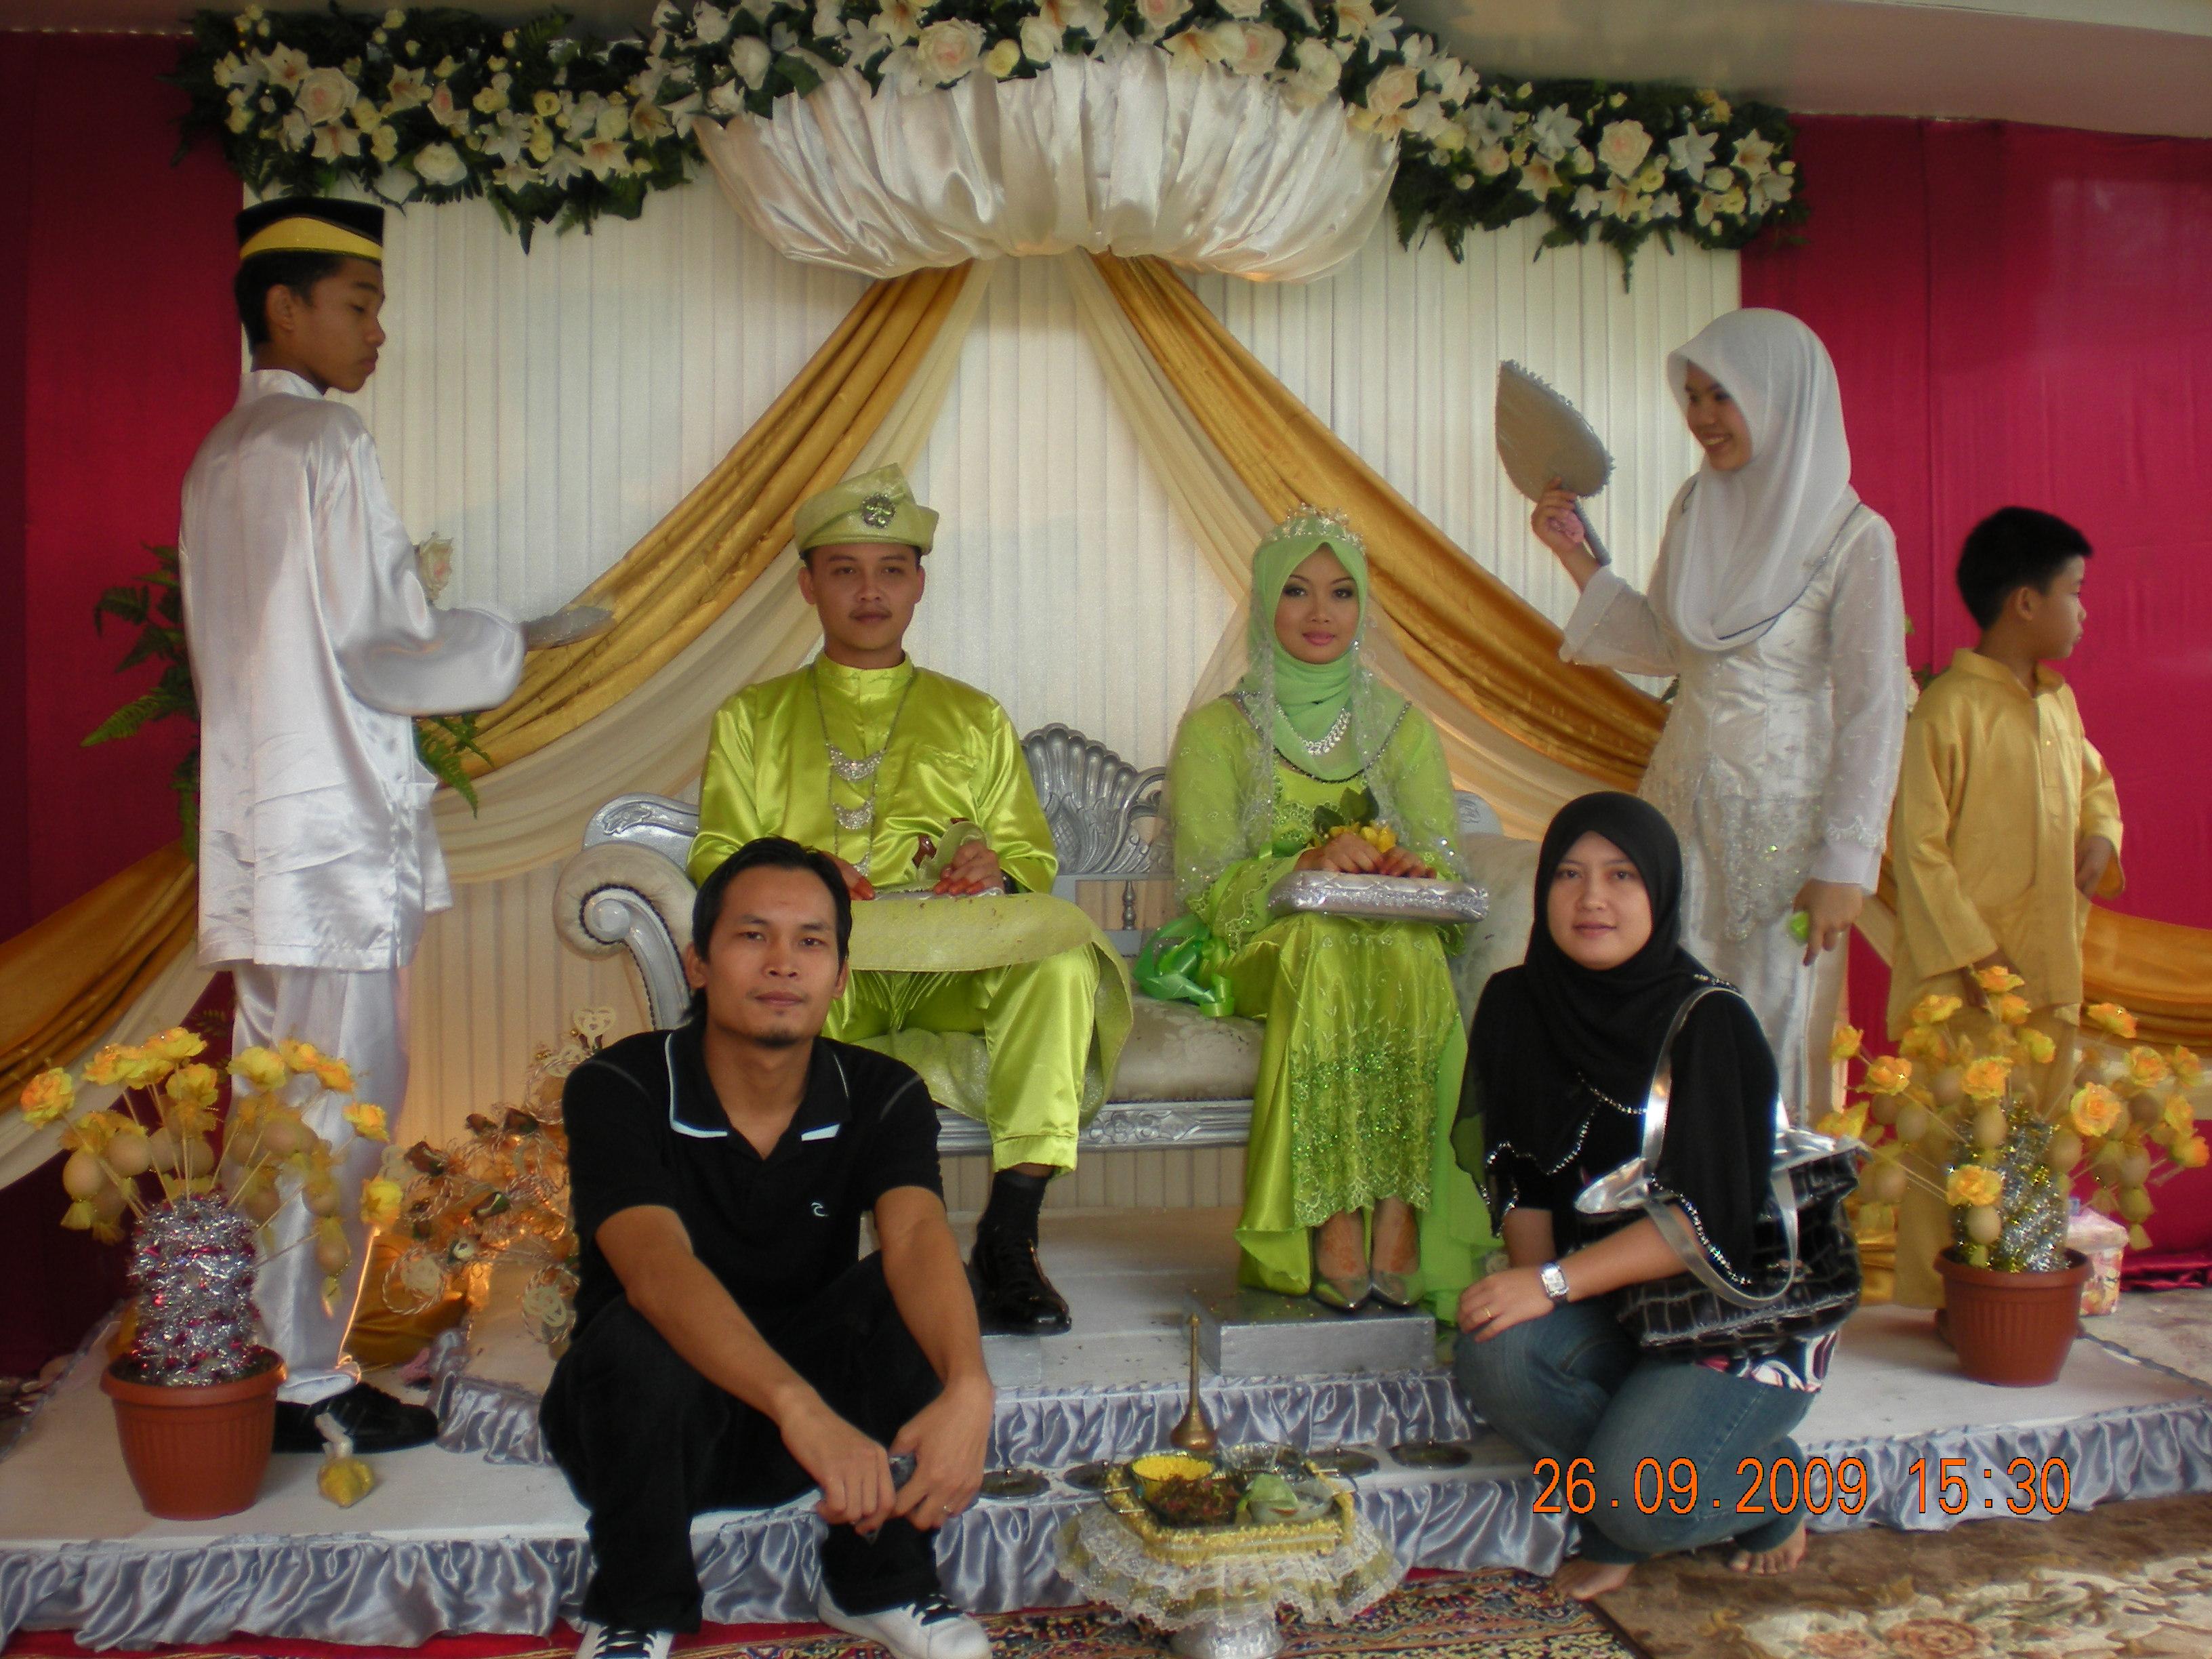 Keluarga ERAKITA Uyie & Rina duduk di bawah juga Insyaa Allah bakal melangsungkan perkahwinan pada Disember 2009 ini.